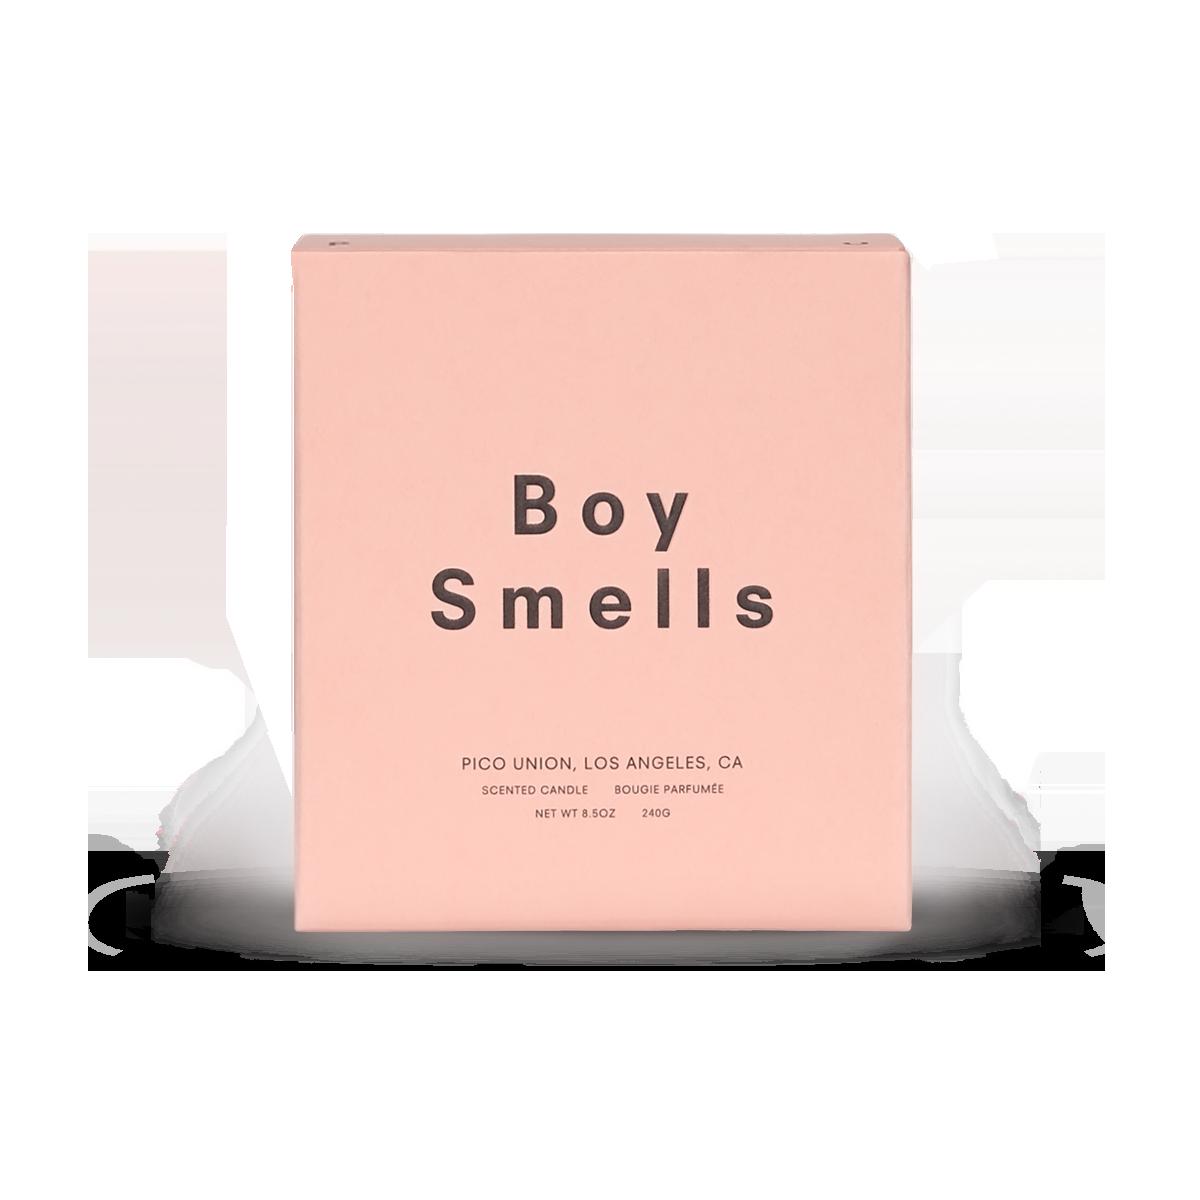 Boy Smells Stalker Candle